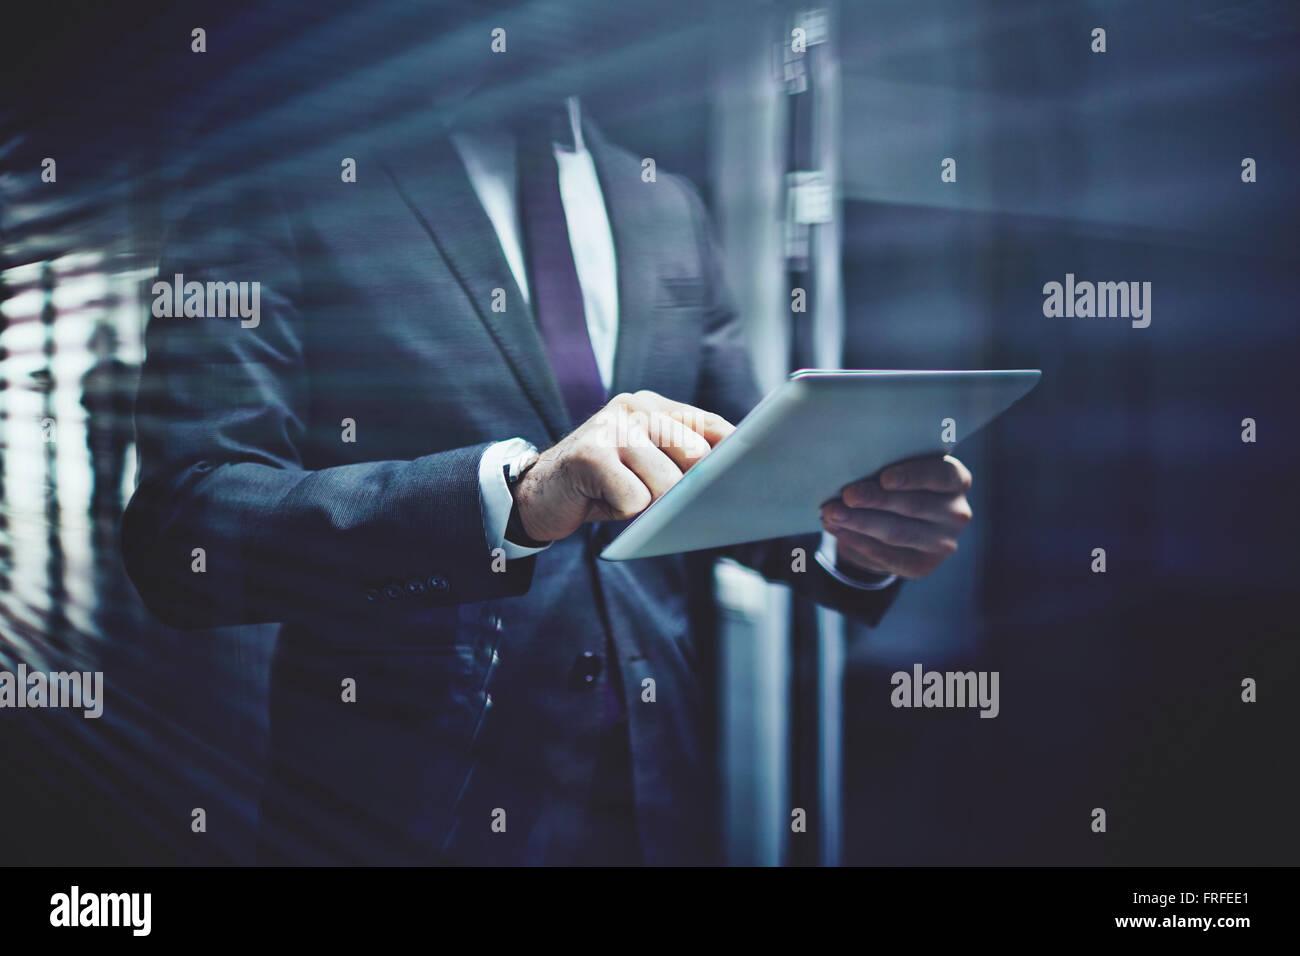 Close-up of businessman avec surface tactile networking dans le couloir du bâtiment de bureaux Photo Stock